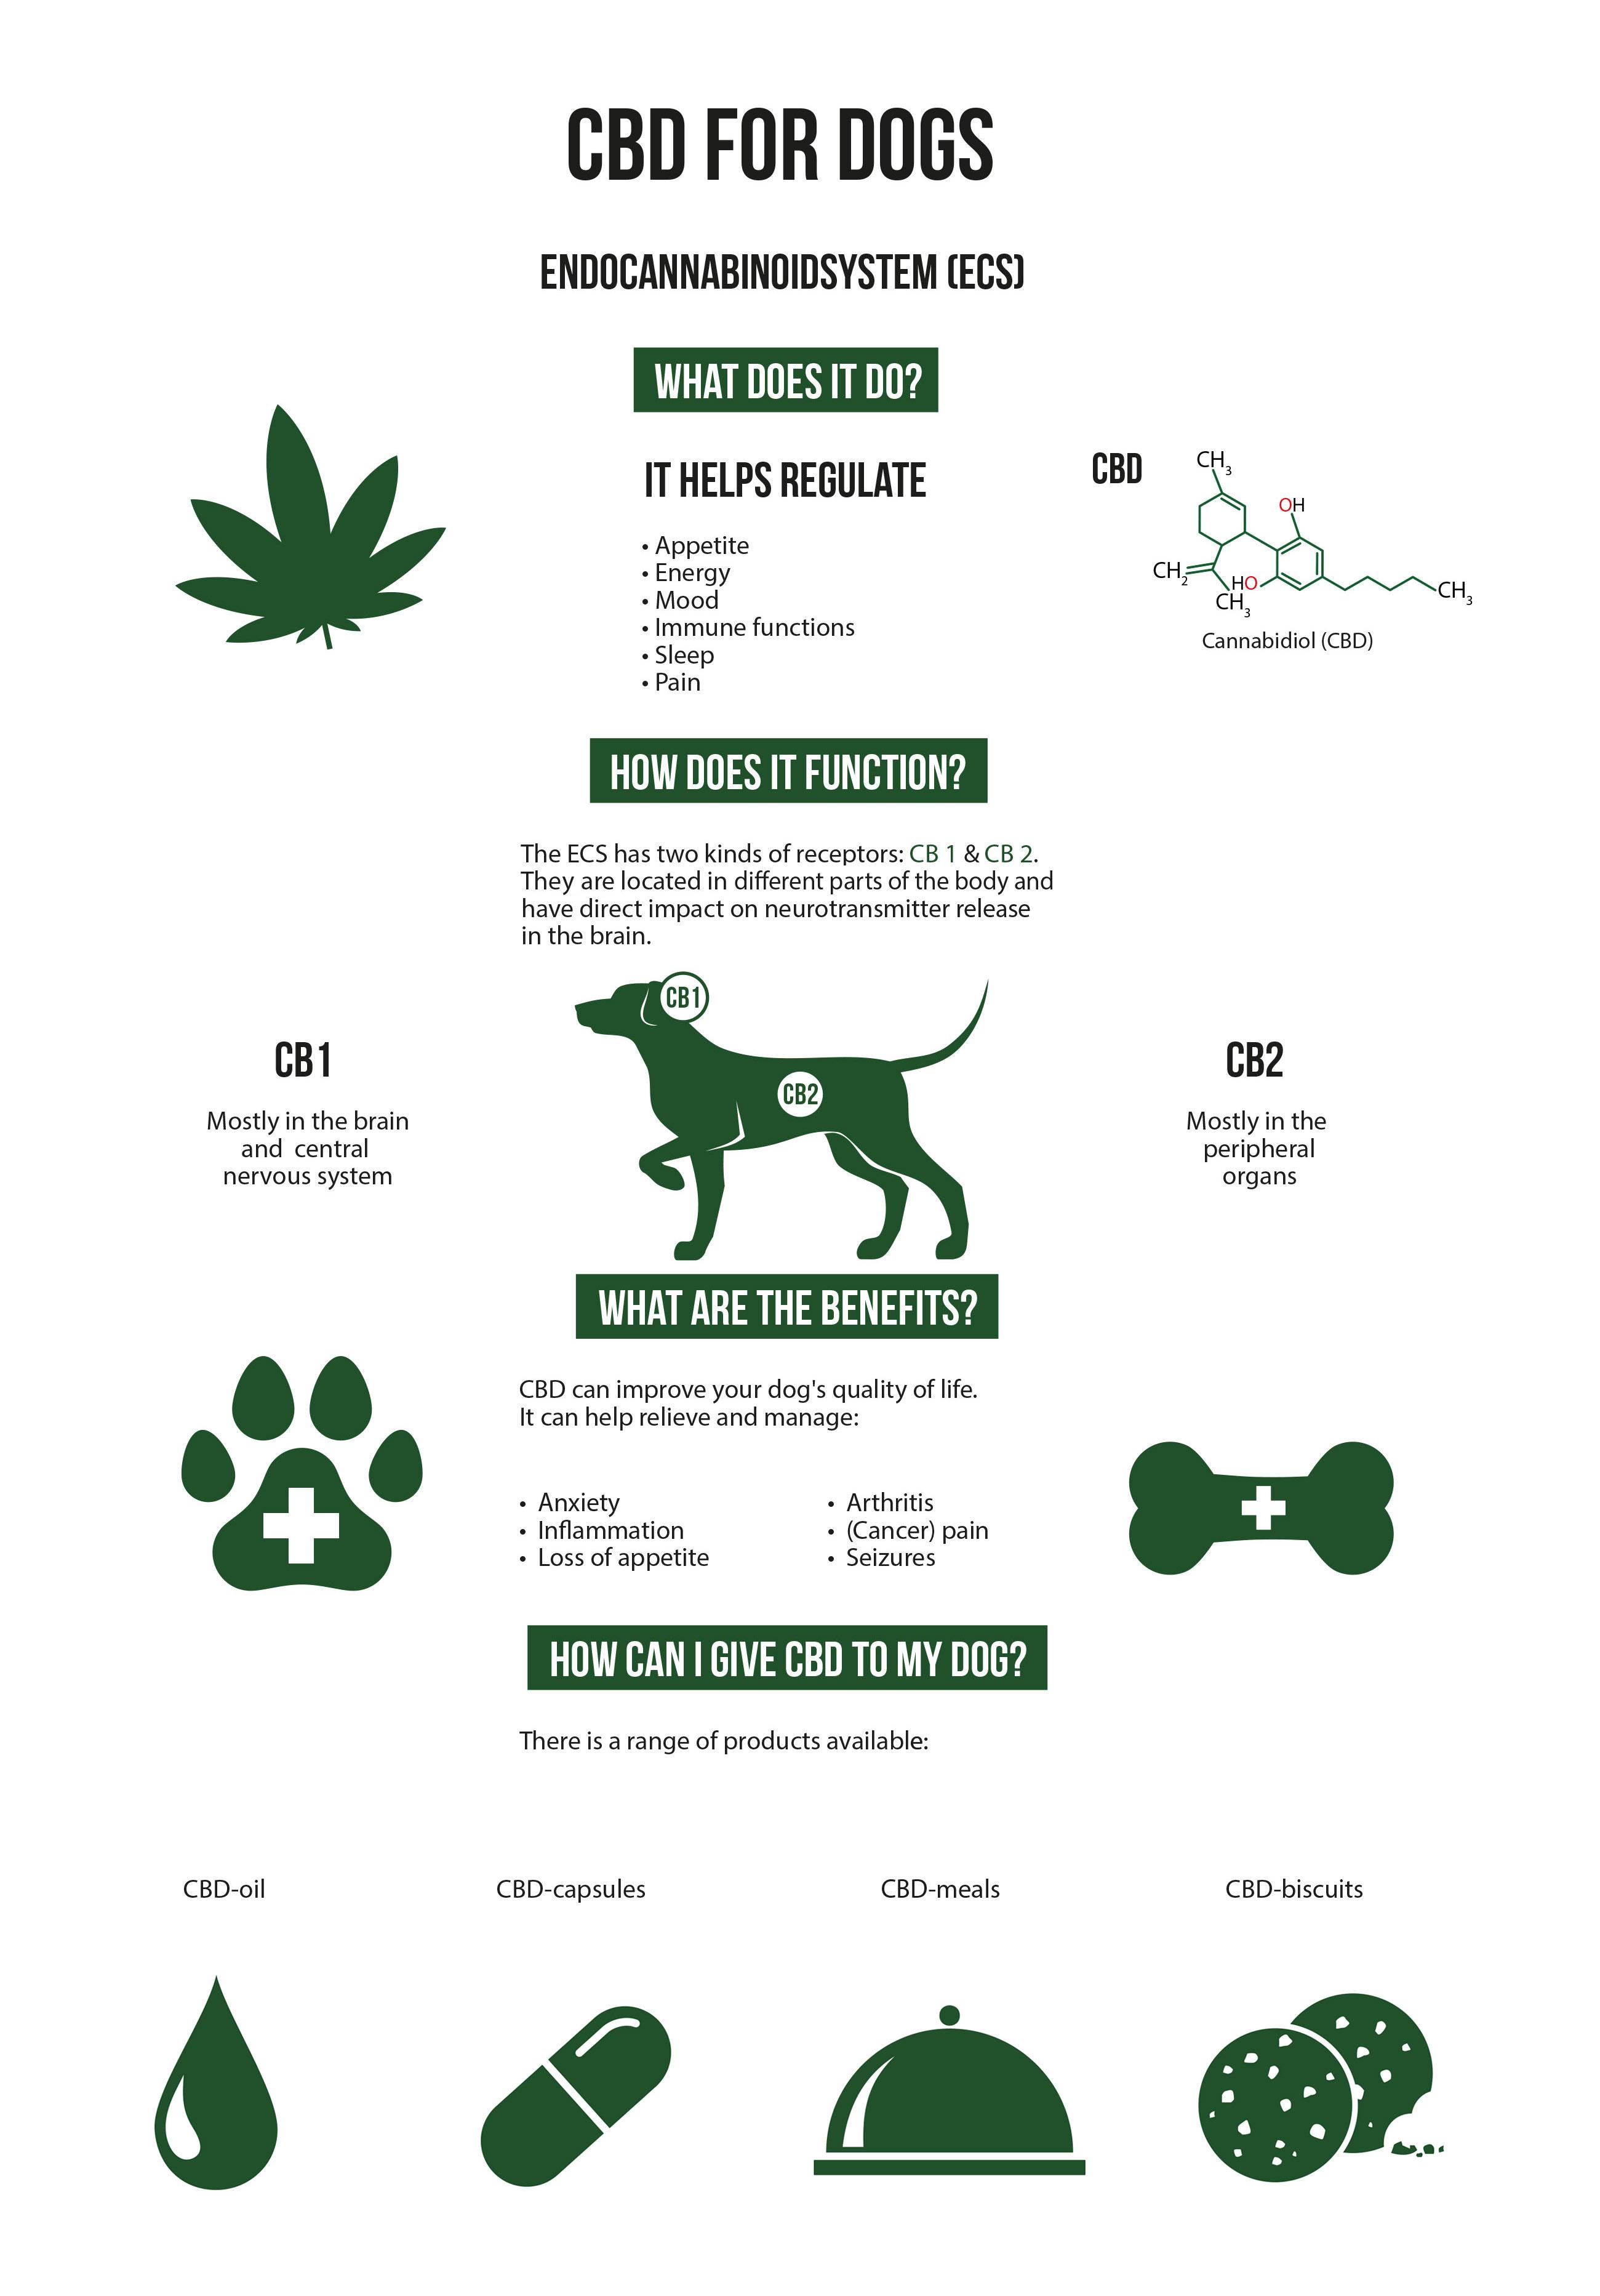 Een infographic waarop het proces van het verkrijgen van CBD voor honden staat afgebeeld. De infographic vertoont cannabisbladeren, een hond, een voetafdruk met een medisch symbool in het midden, een pot met een medisch symbool in het midden, CBD-olie, CBD-capsules, CBD-maaltijden en CBD-hondenkoekjes. Alle afbeeldingen zijn getekend in een minimalistisch grafische stijl met een effen groene kleur.